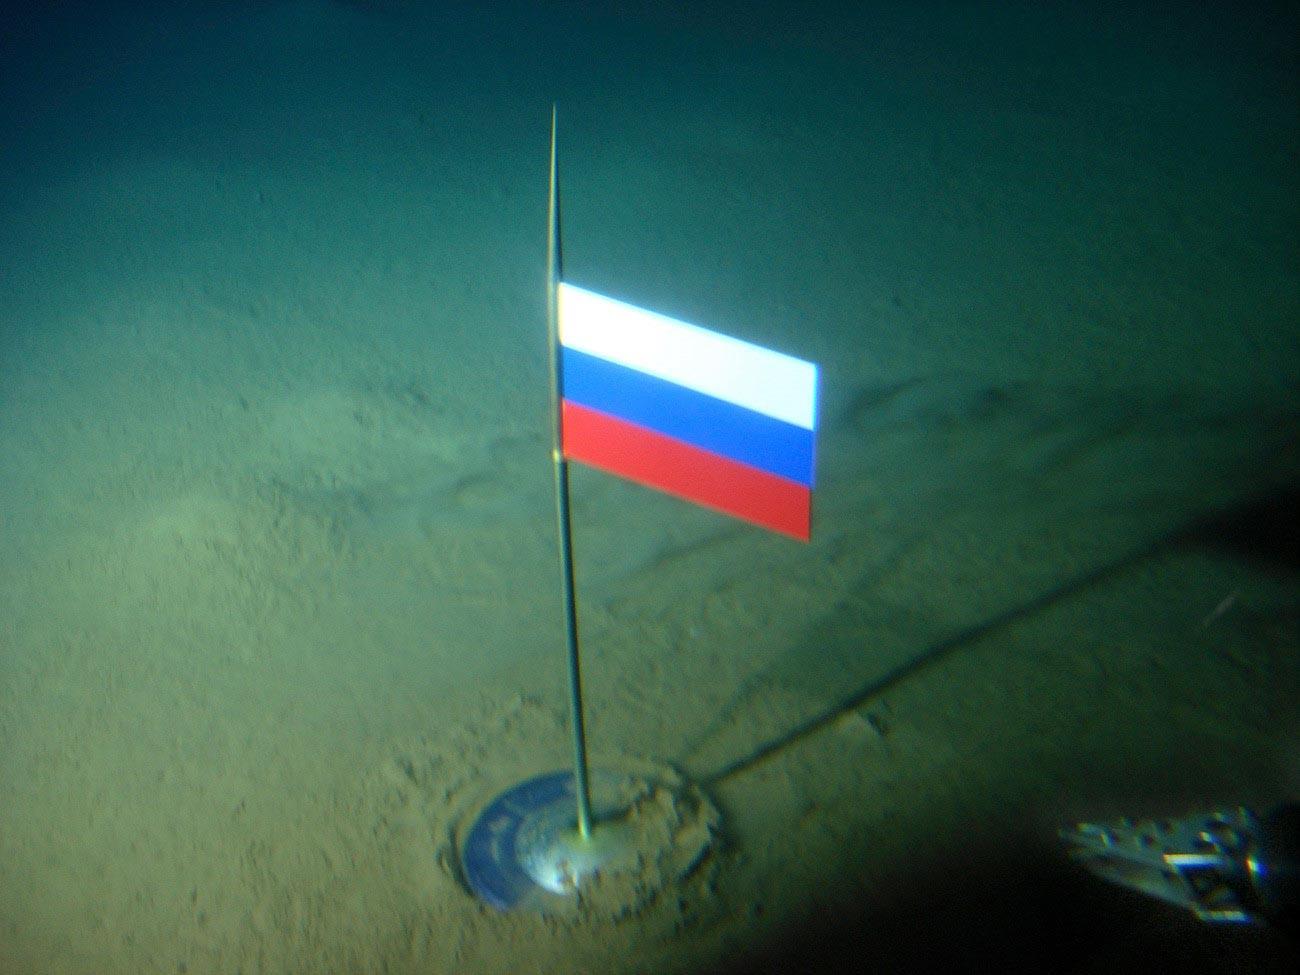 Застава Русије са капсулом од титанијума на дну океана испод Северног пола, неколико секунди након што је 2. августа 2007. године постављена помоћу батискафа Мир-1.